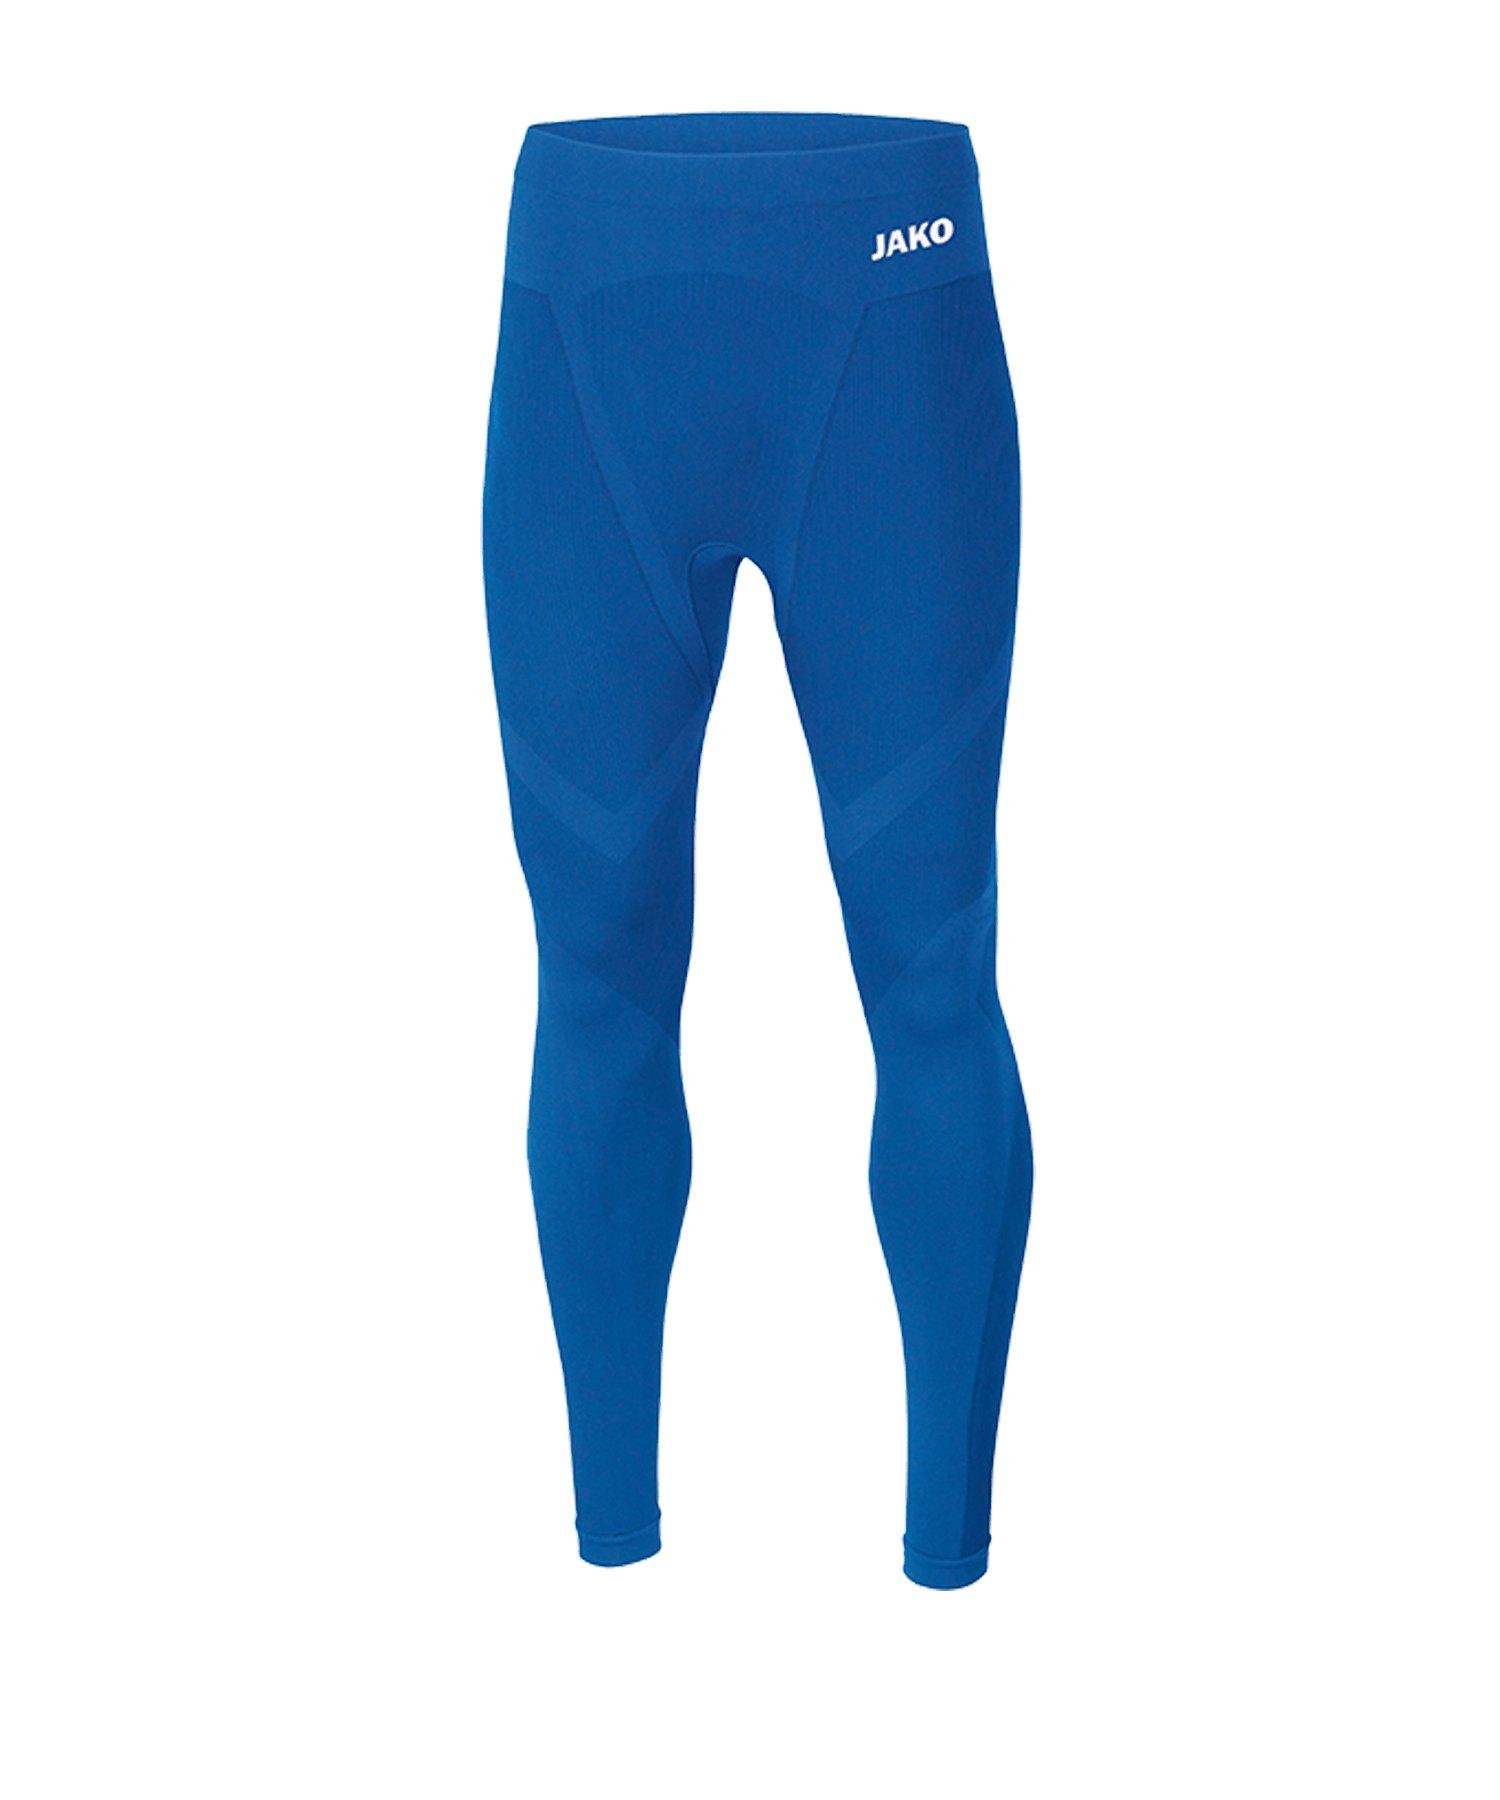 JAKO Comfort 2.0 Long Tight Kids Blau F04 - blau